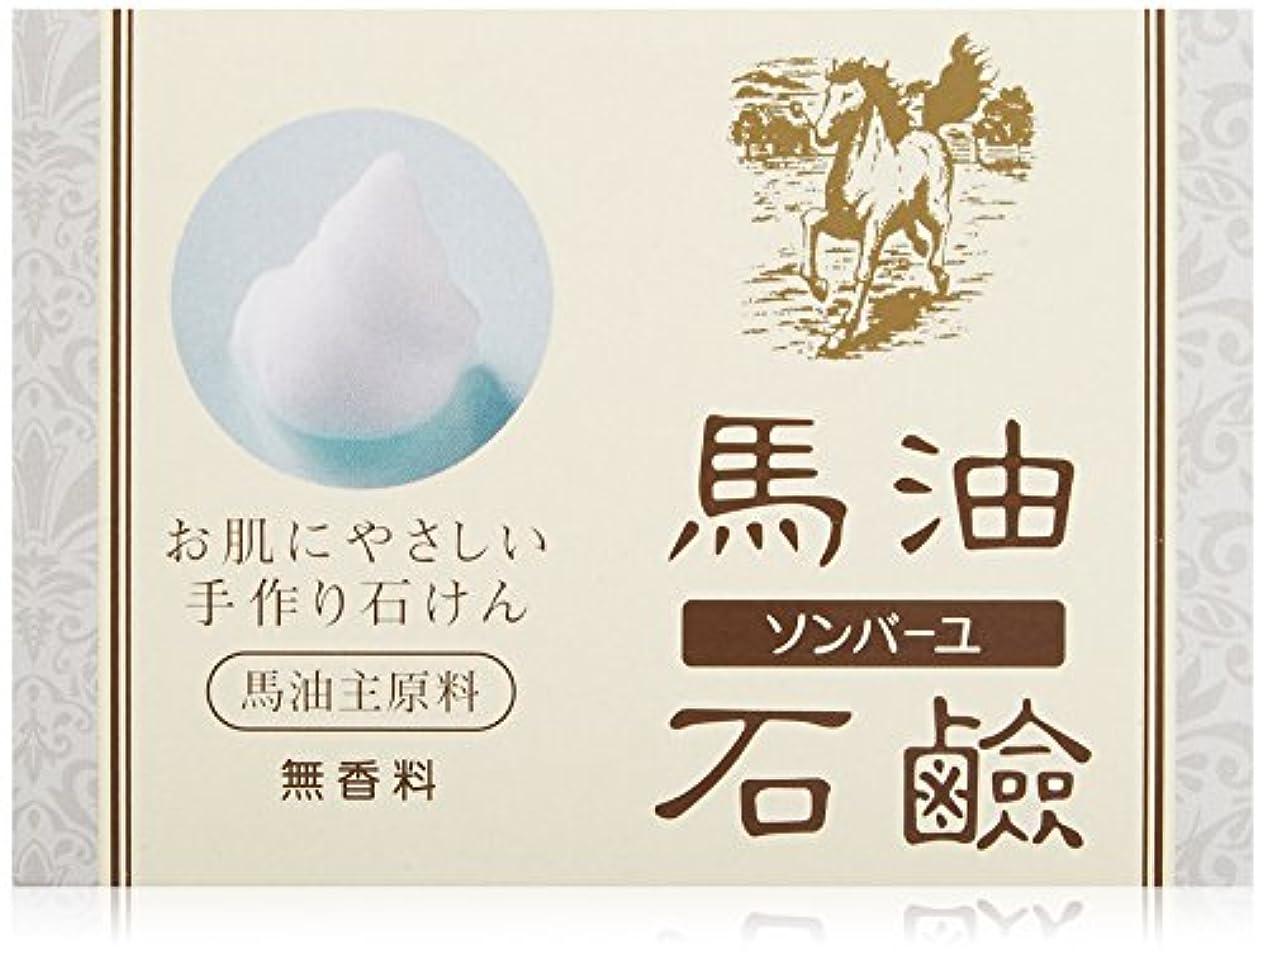 覗く違法急流薬師堂 ソンバーユ馬油石鹸(無香料) 85g